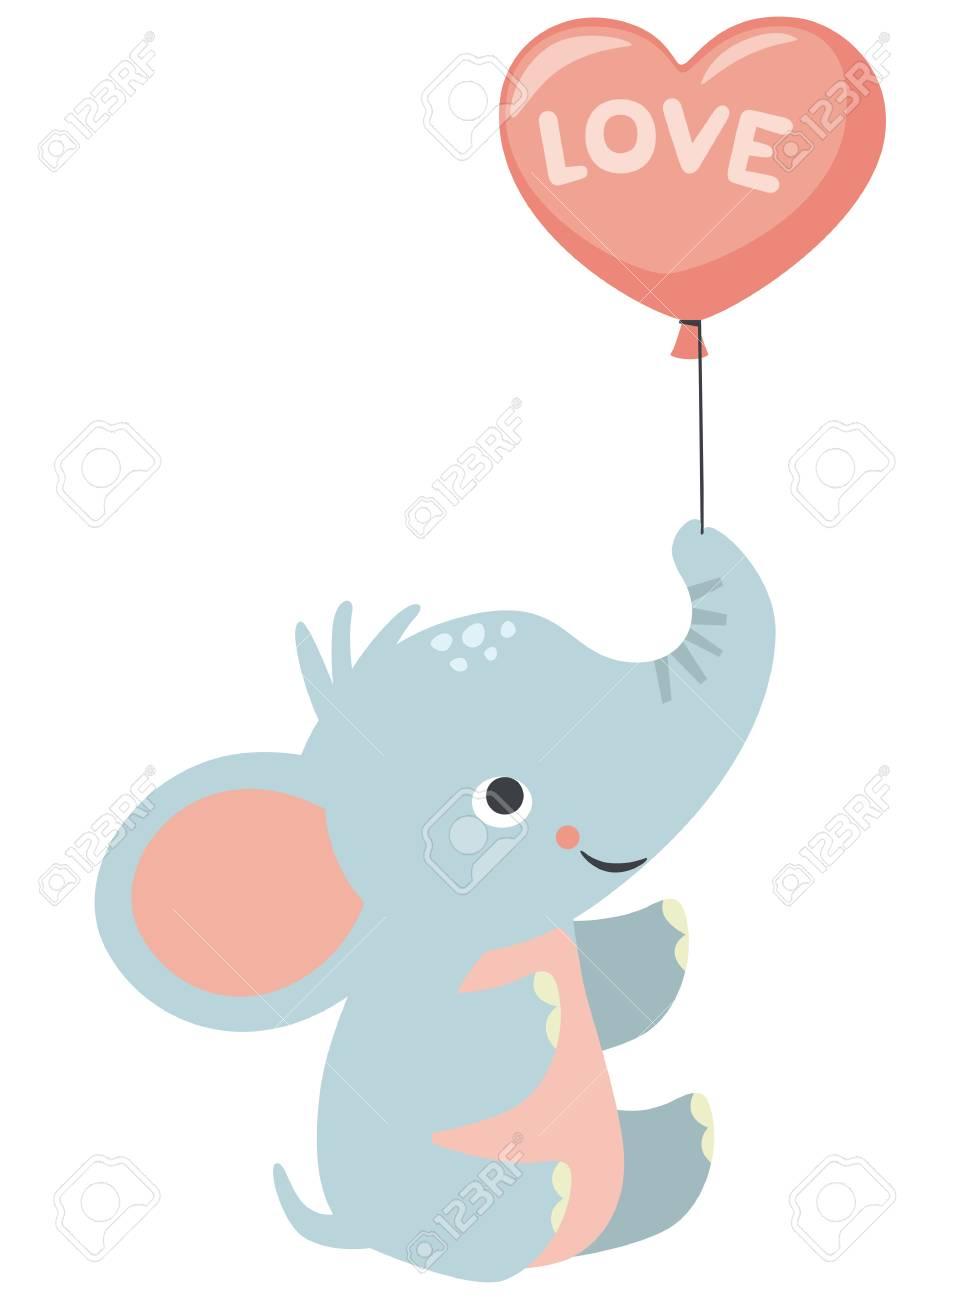 Happy Birthday Luftballons, Farbclipart, Geburtstag Clipart, Bunt PNG und  Vektor zum kostenlosen Download